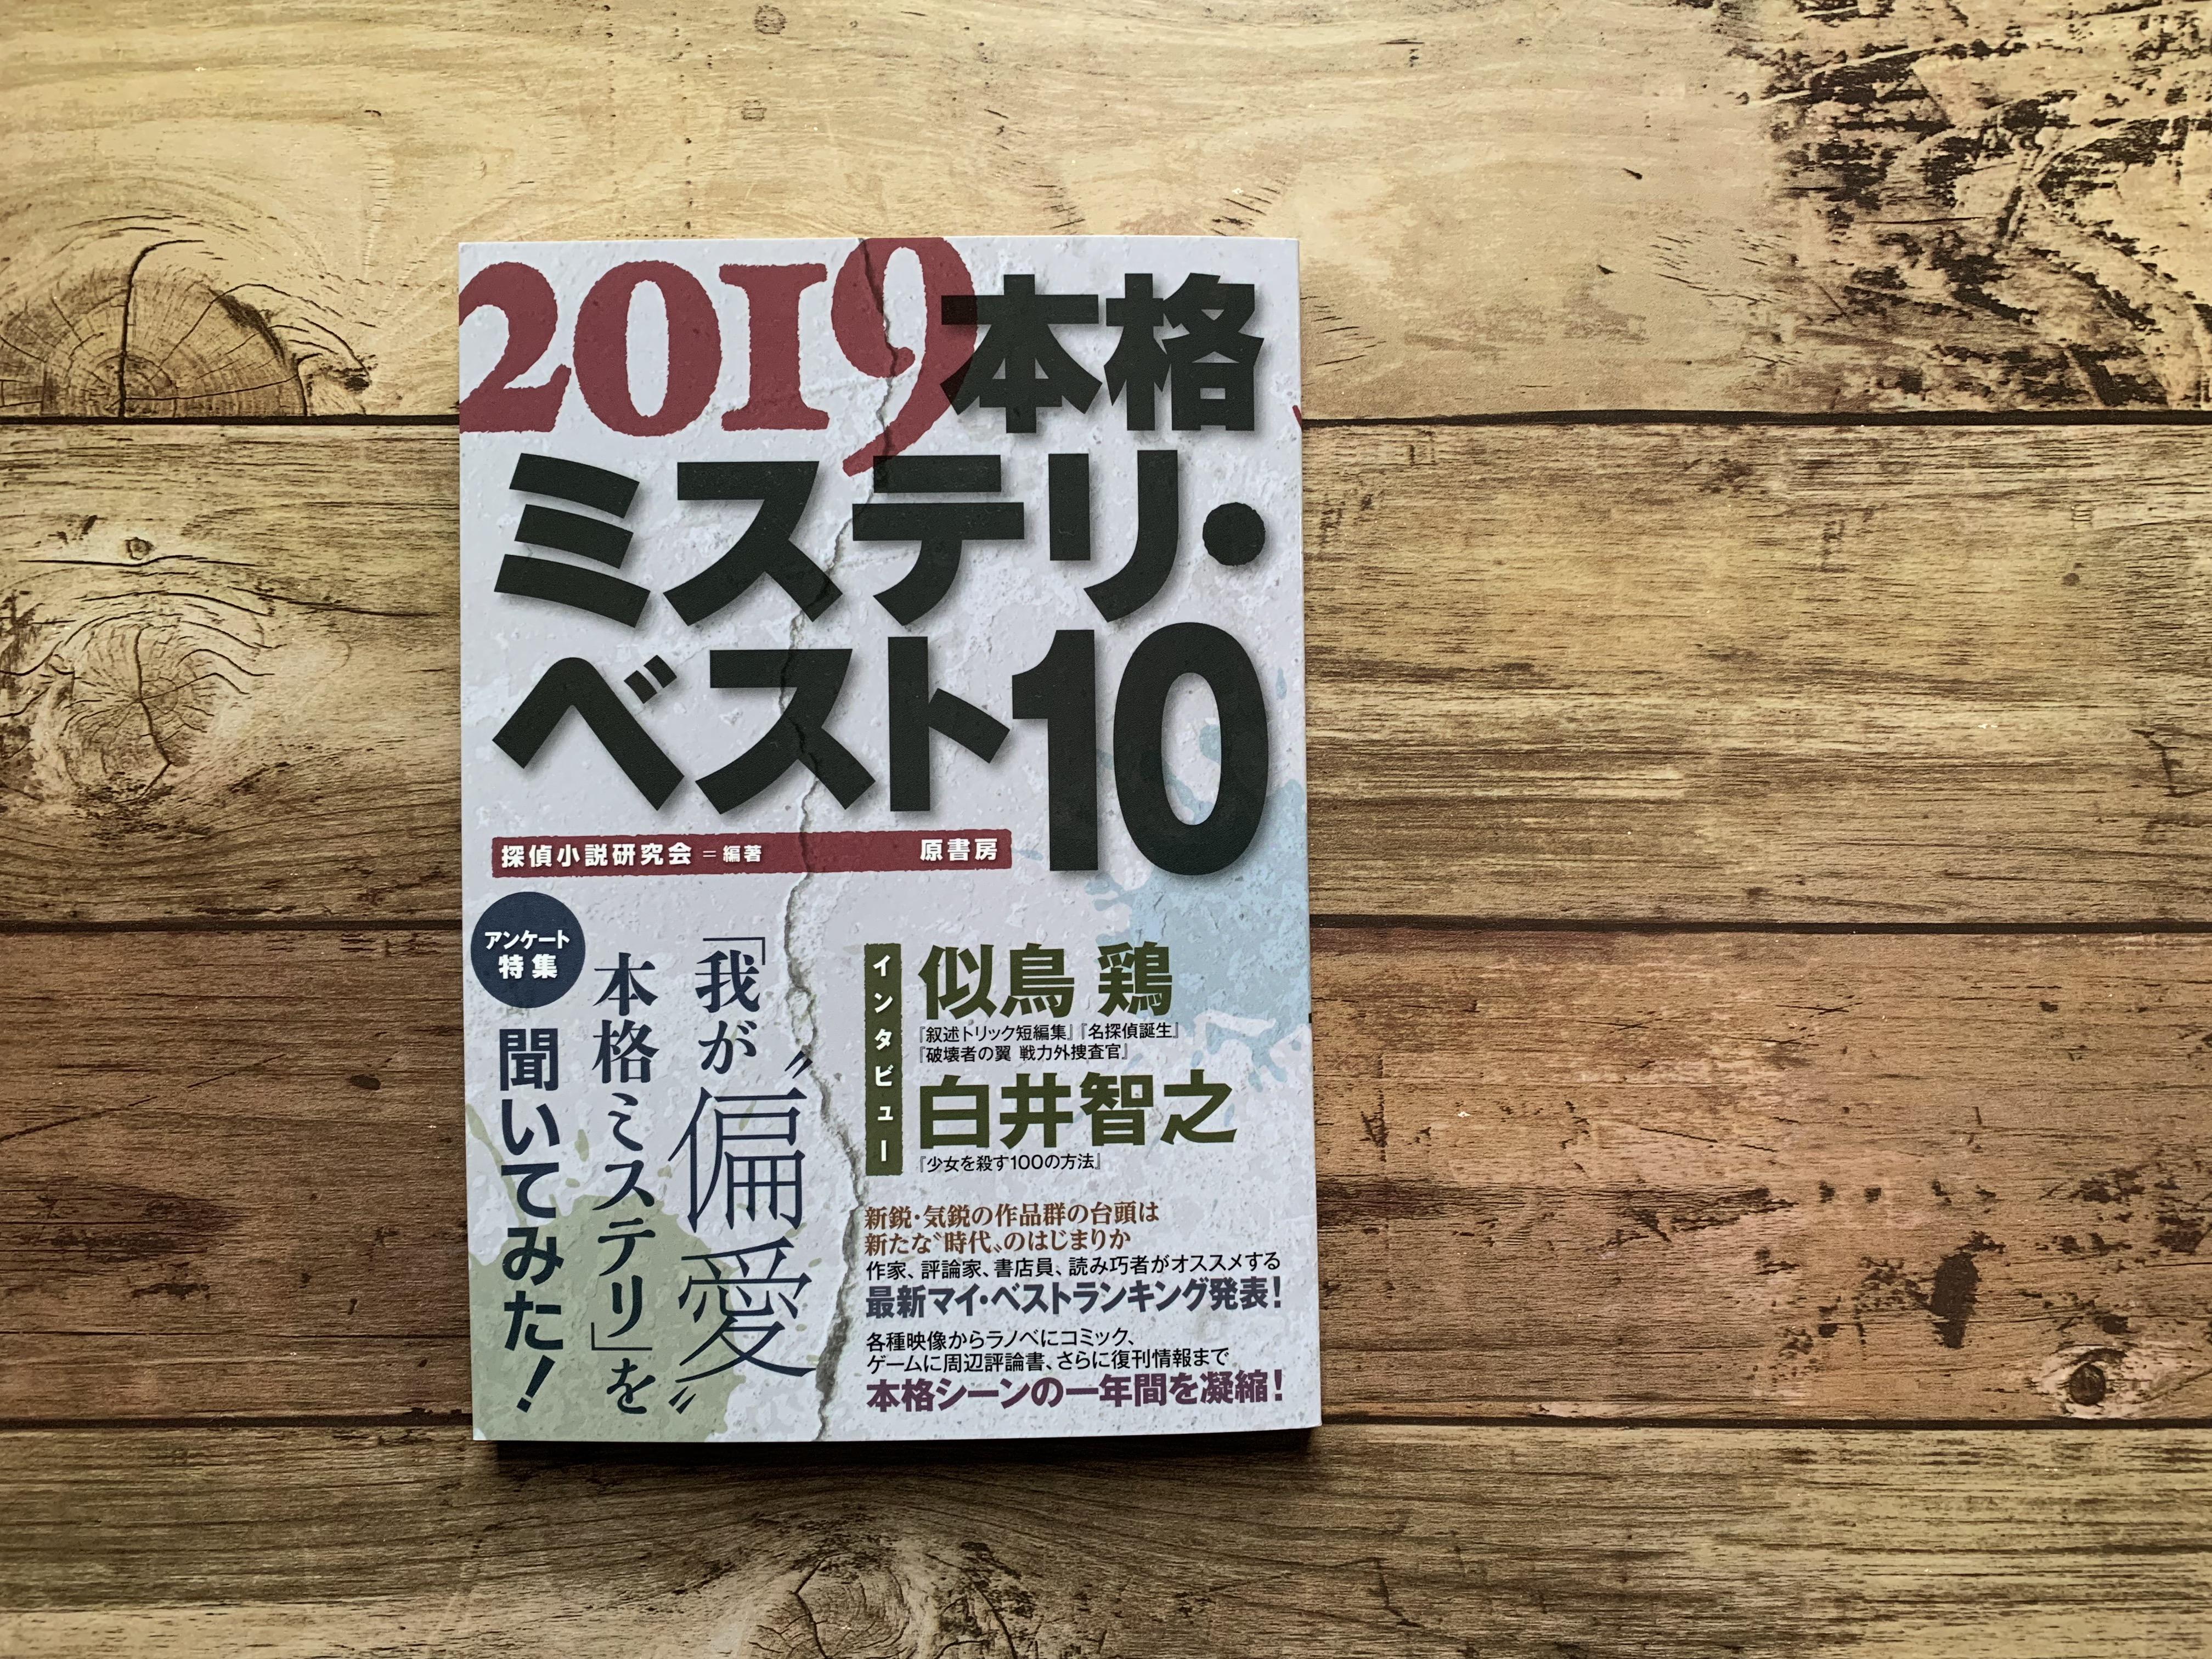 おすすめ 叙述 トリック 折原一のおすすめ小説5選!日本を代表する叙述トリック作家